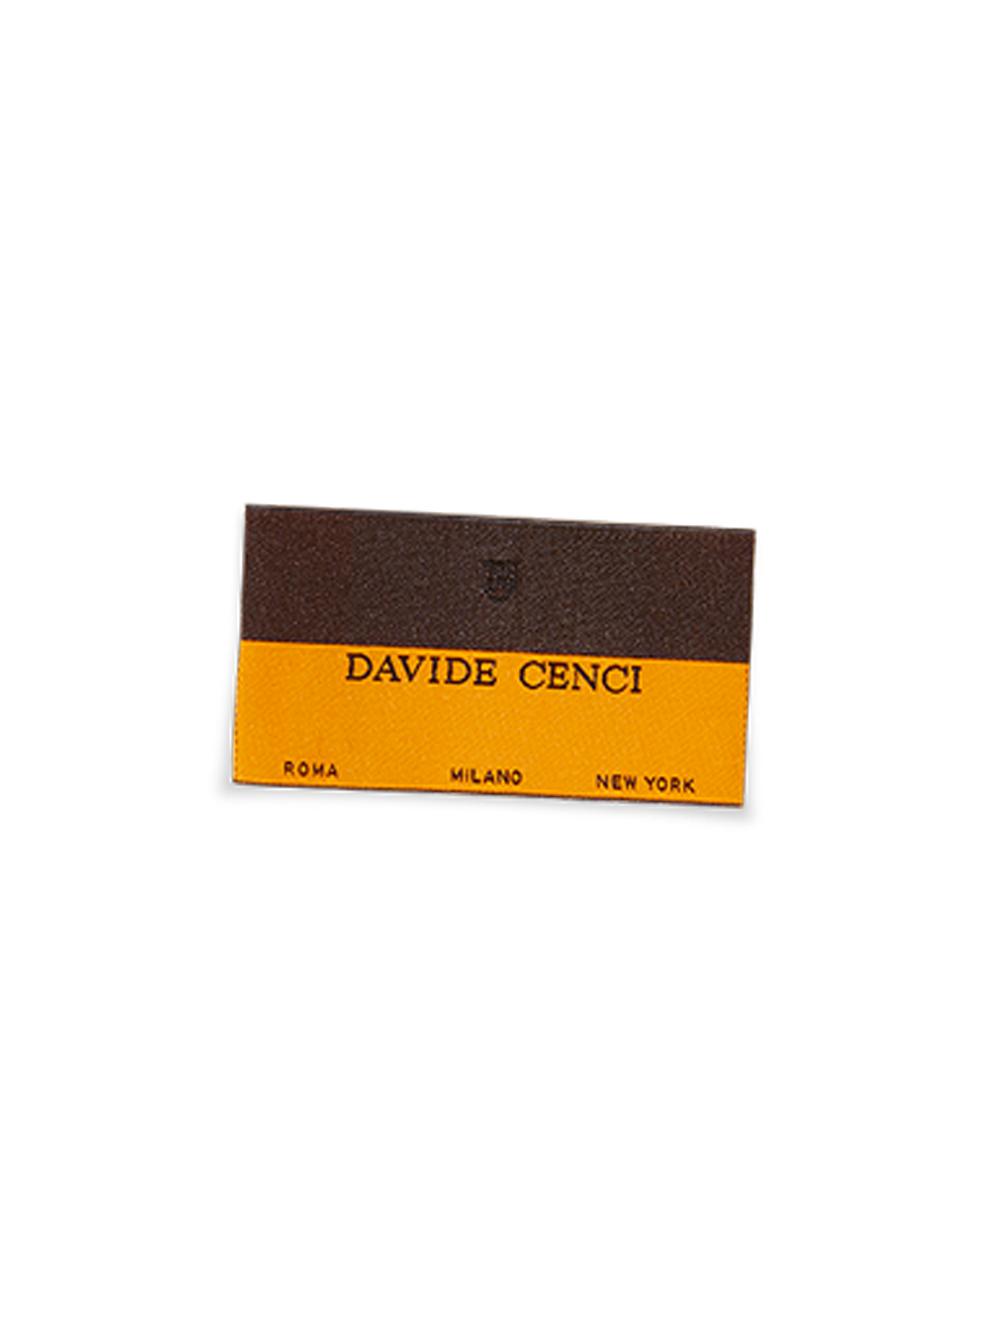 Vintage bordeaux leather men's belt Davide Cenci